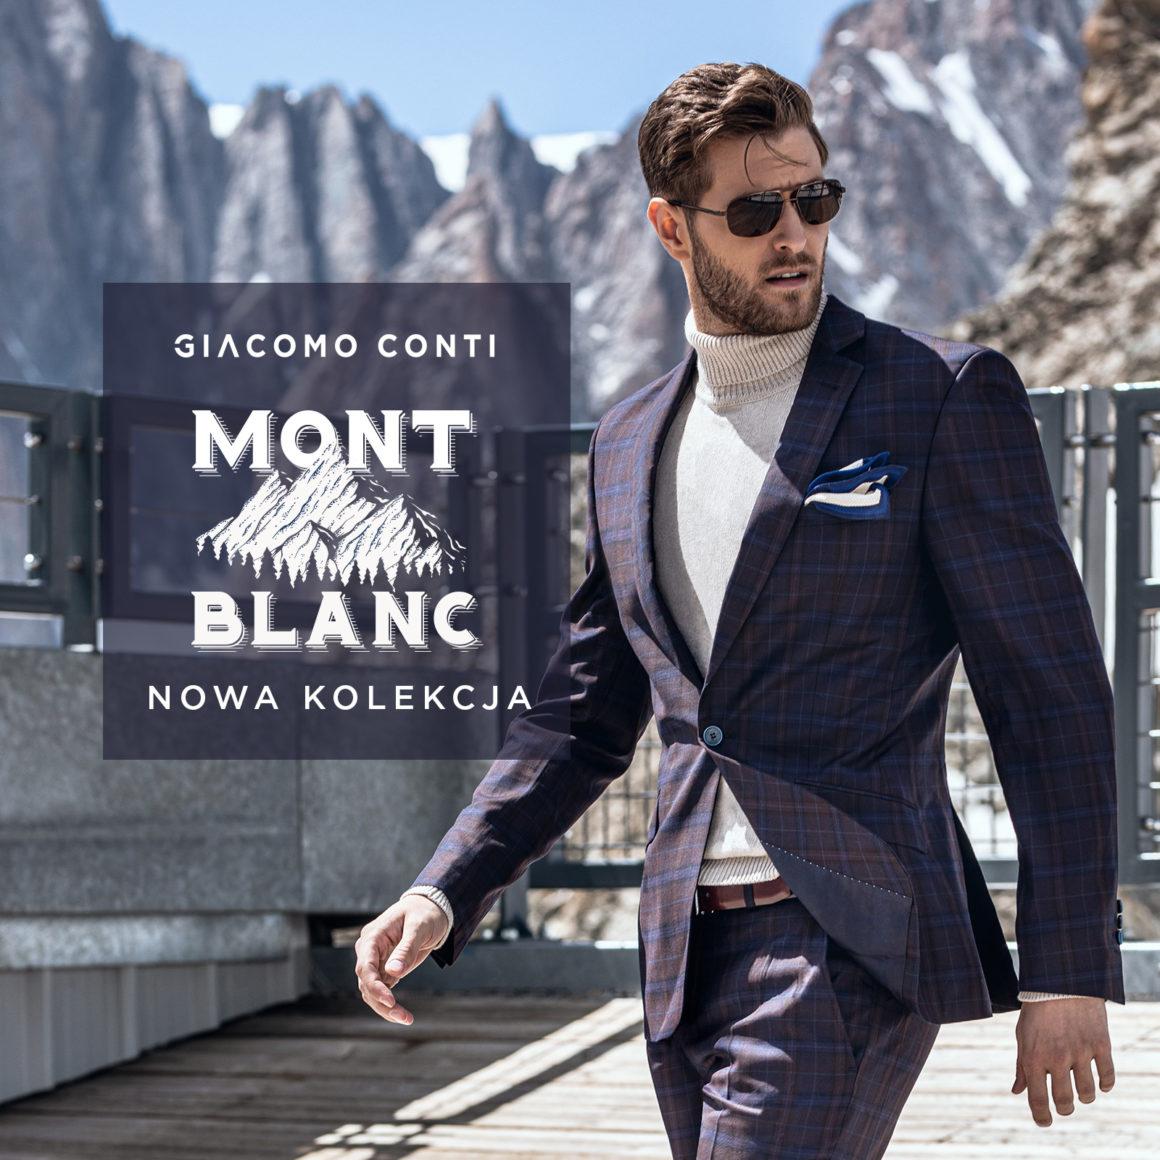 Kolekcja Mont Blanc w Giacomo Conti